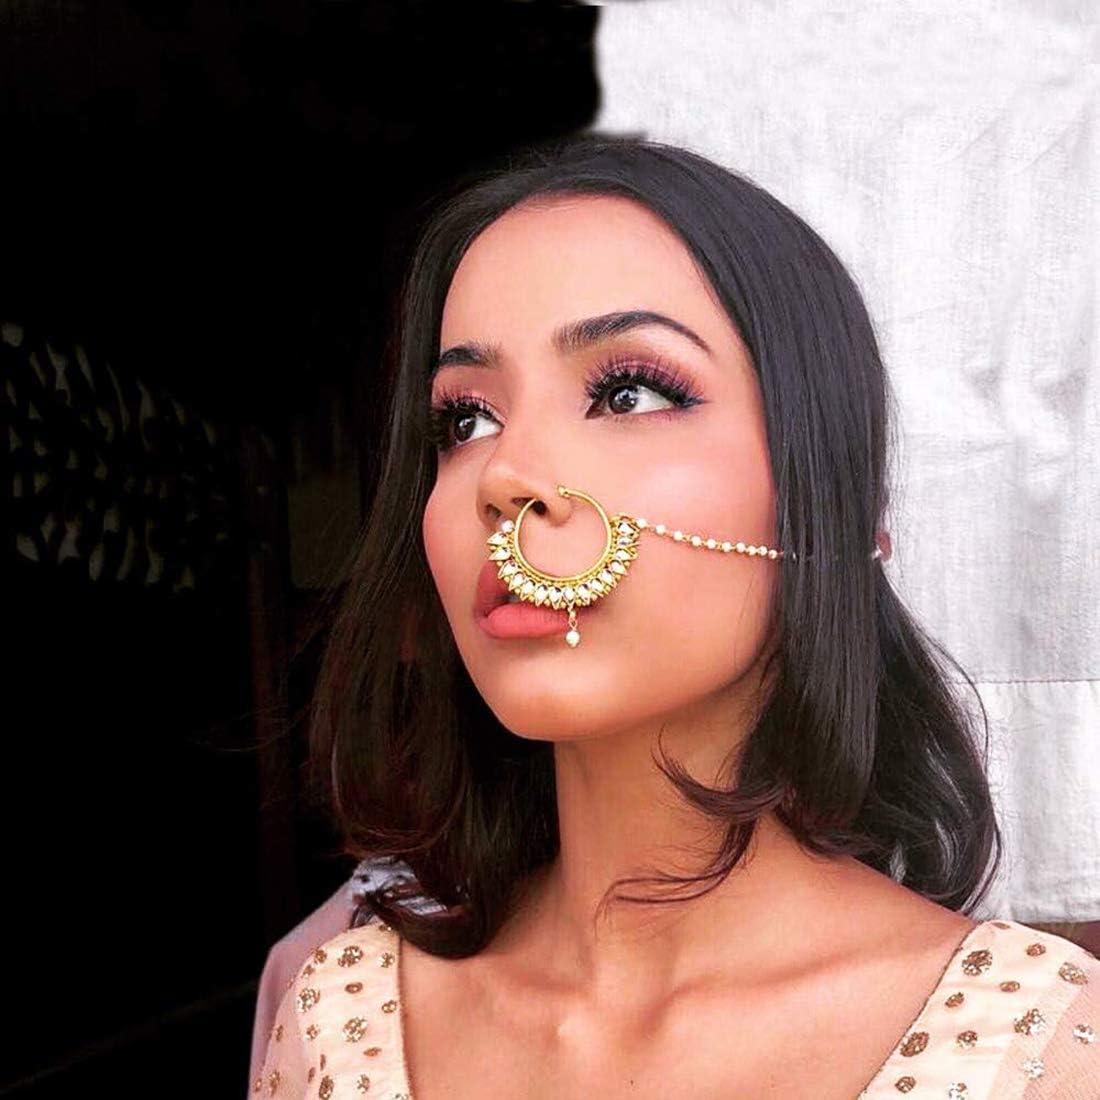 Aheli Bague de Nez Indienne Bollywood AD Nath Pearl Cha/îne superpos/ée Femme Padmavati Bijoux